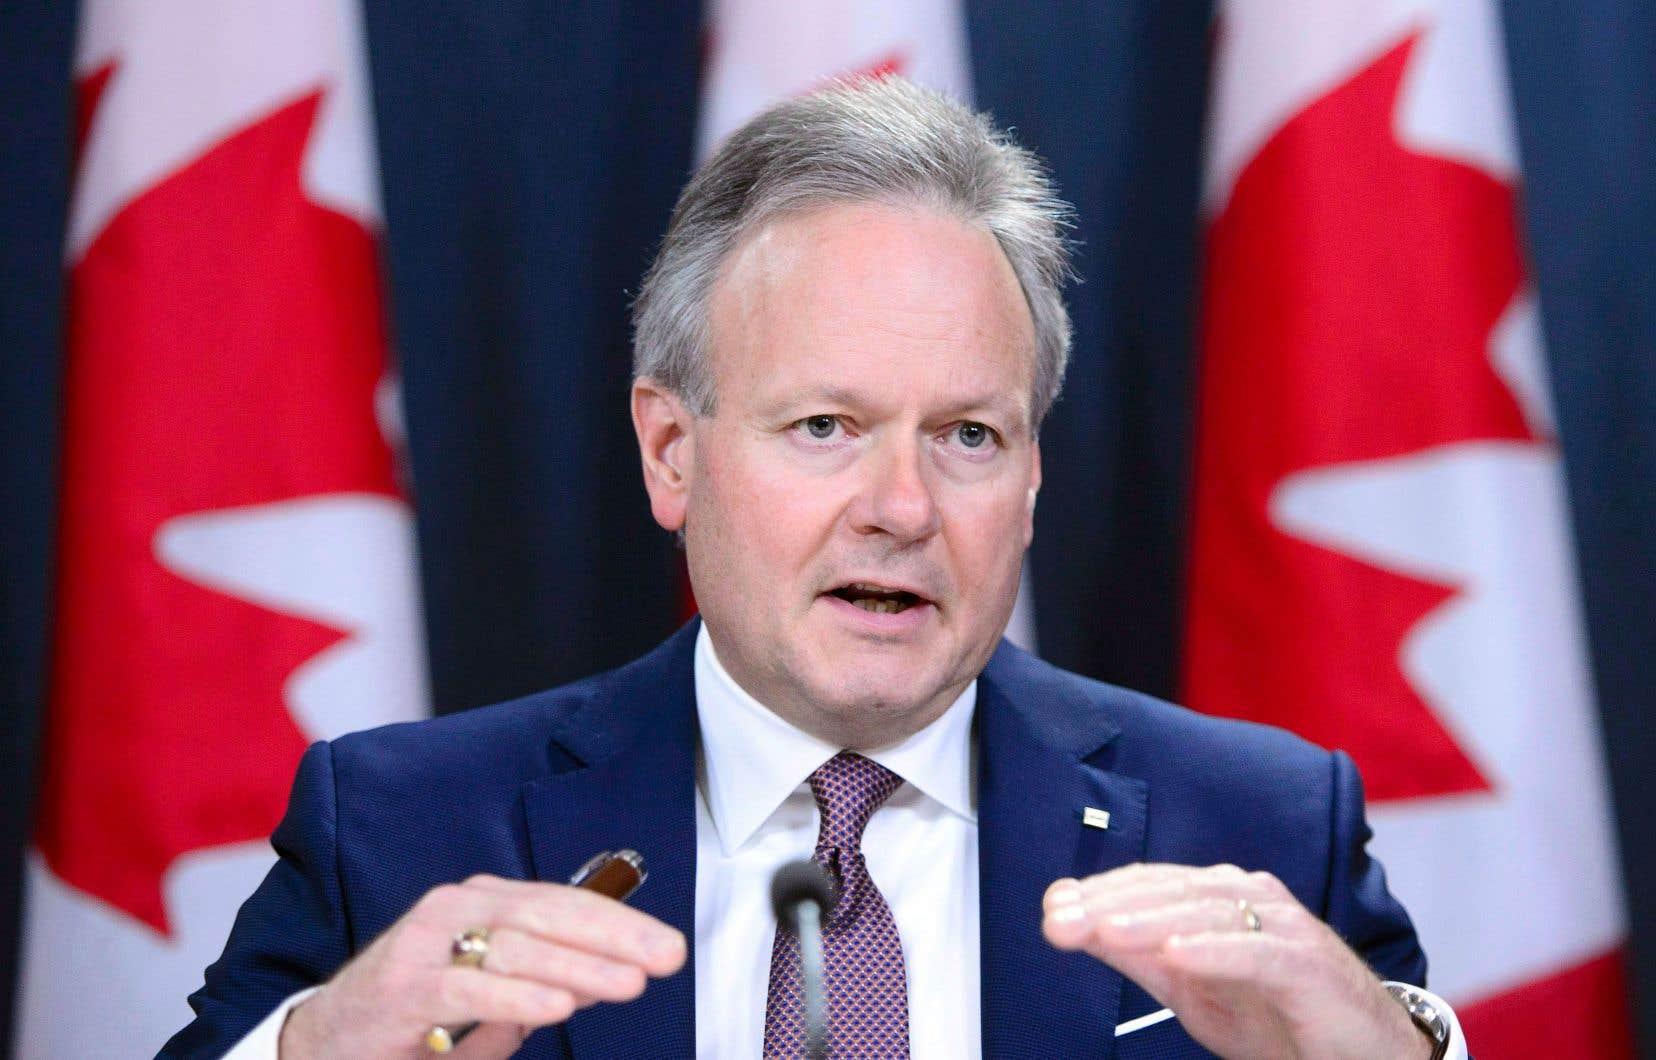 Le gouverneur de la Banque du Canada, Stephen Poloz, n'est pas le premier à mettre en garde contre la menace que pose l'escalade des tarifs commerciaux déclenchée par le président américain, Donald Trump.